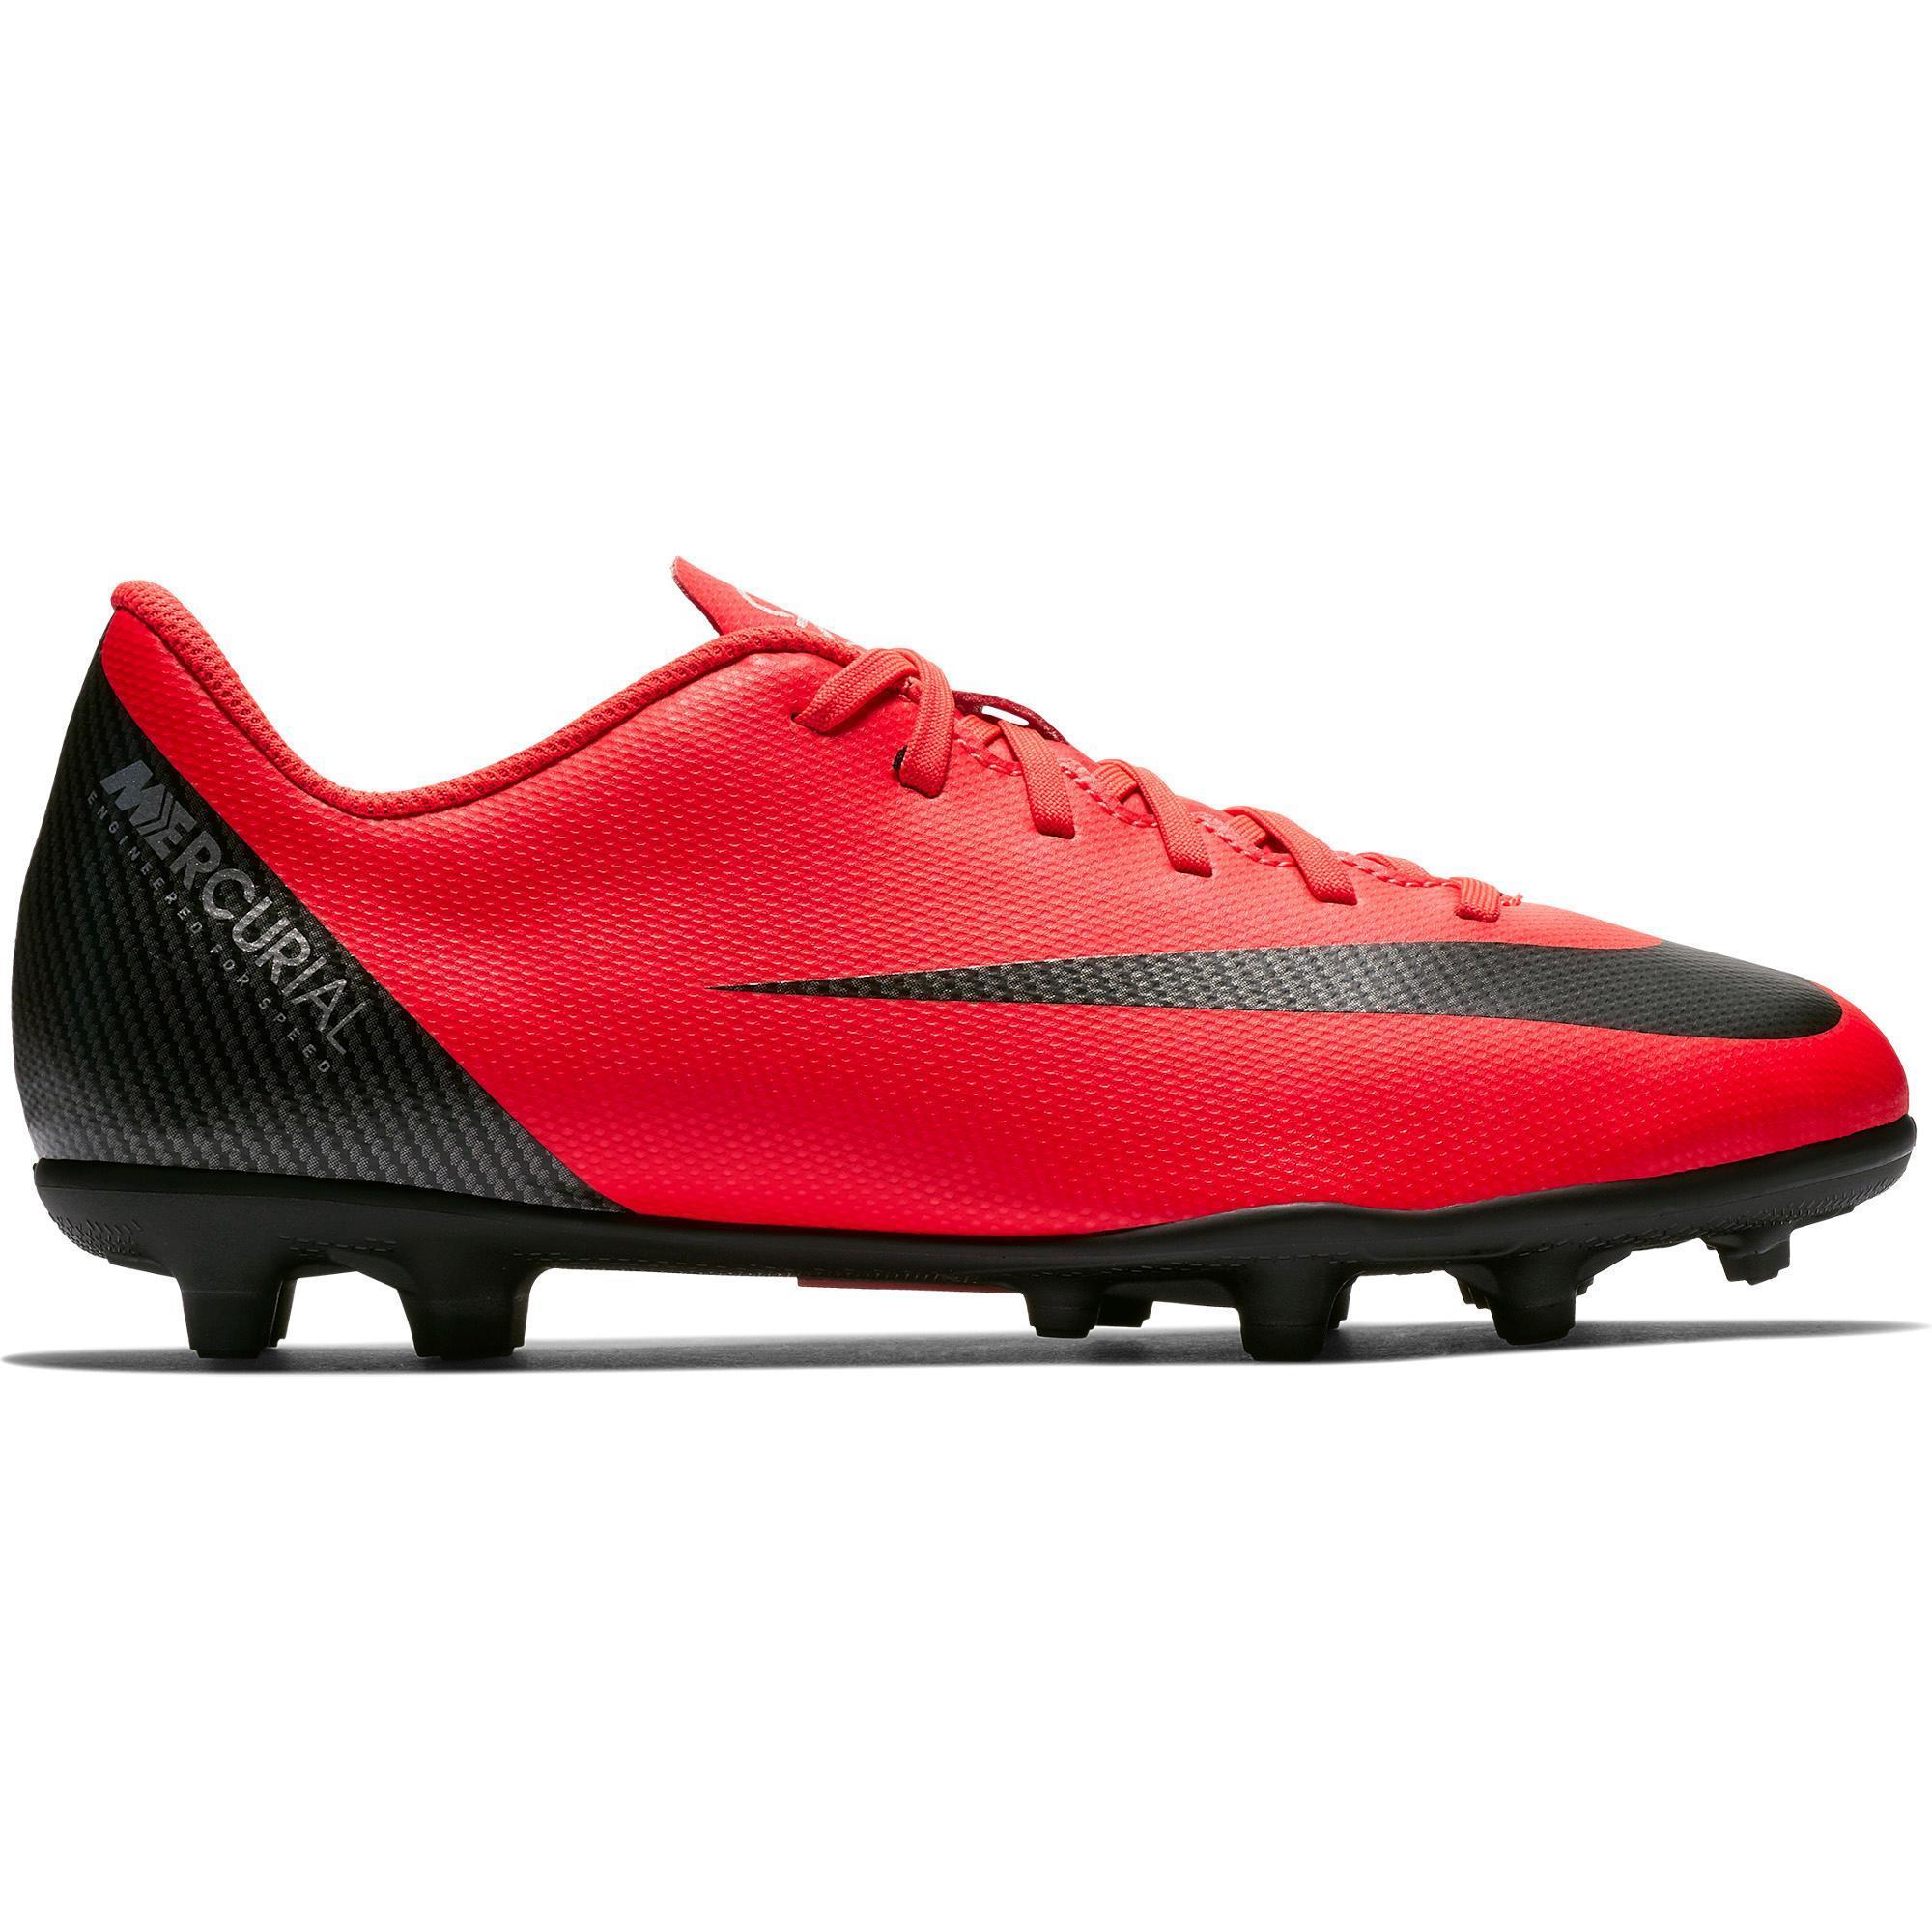 Botas de Fútbol Nike Vapor Club CR7 MG niños rojo negro 17bfb3b58c42d